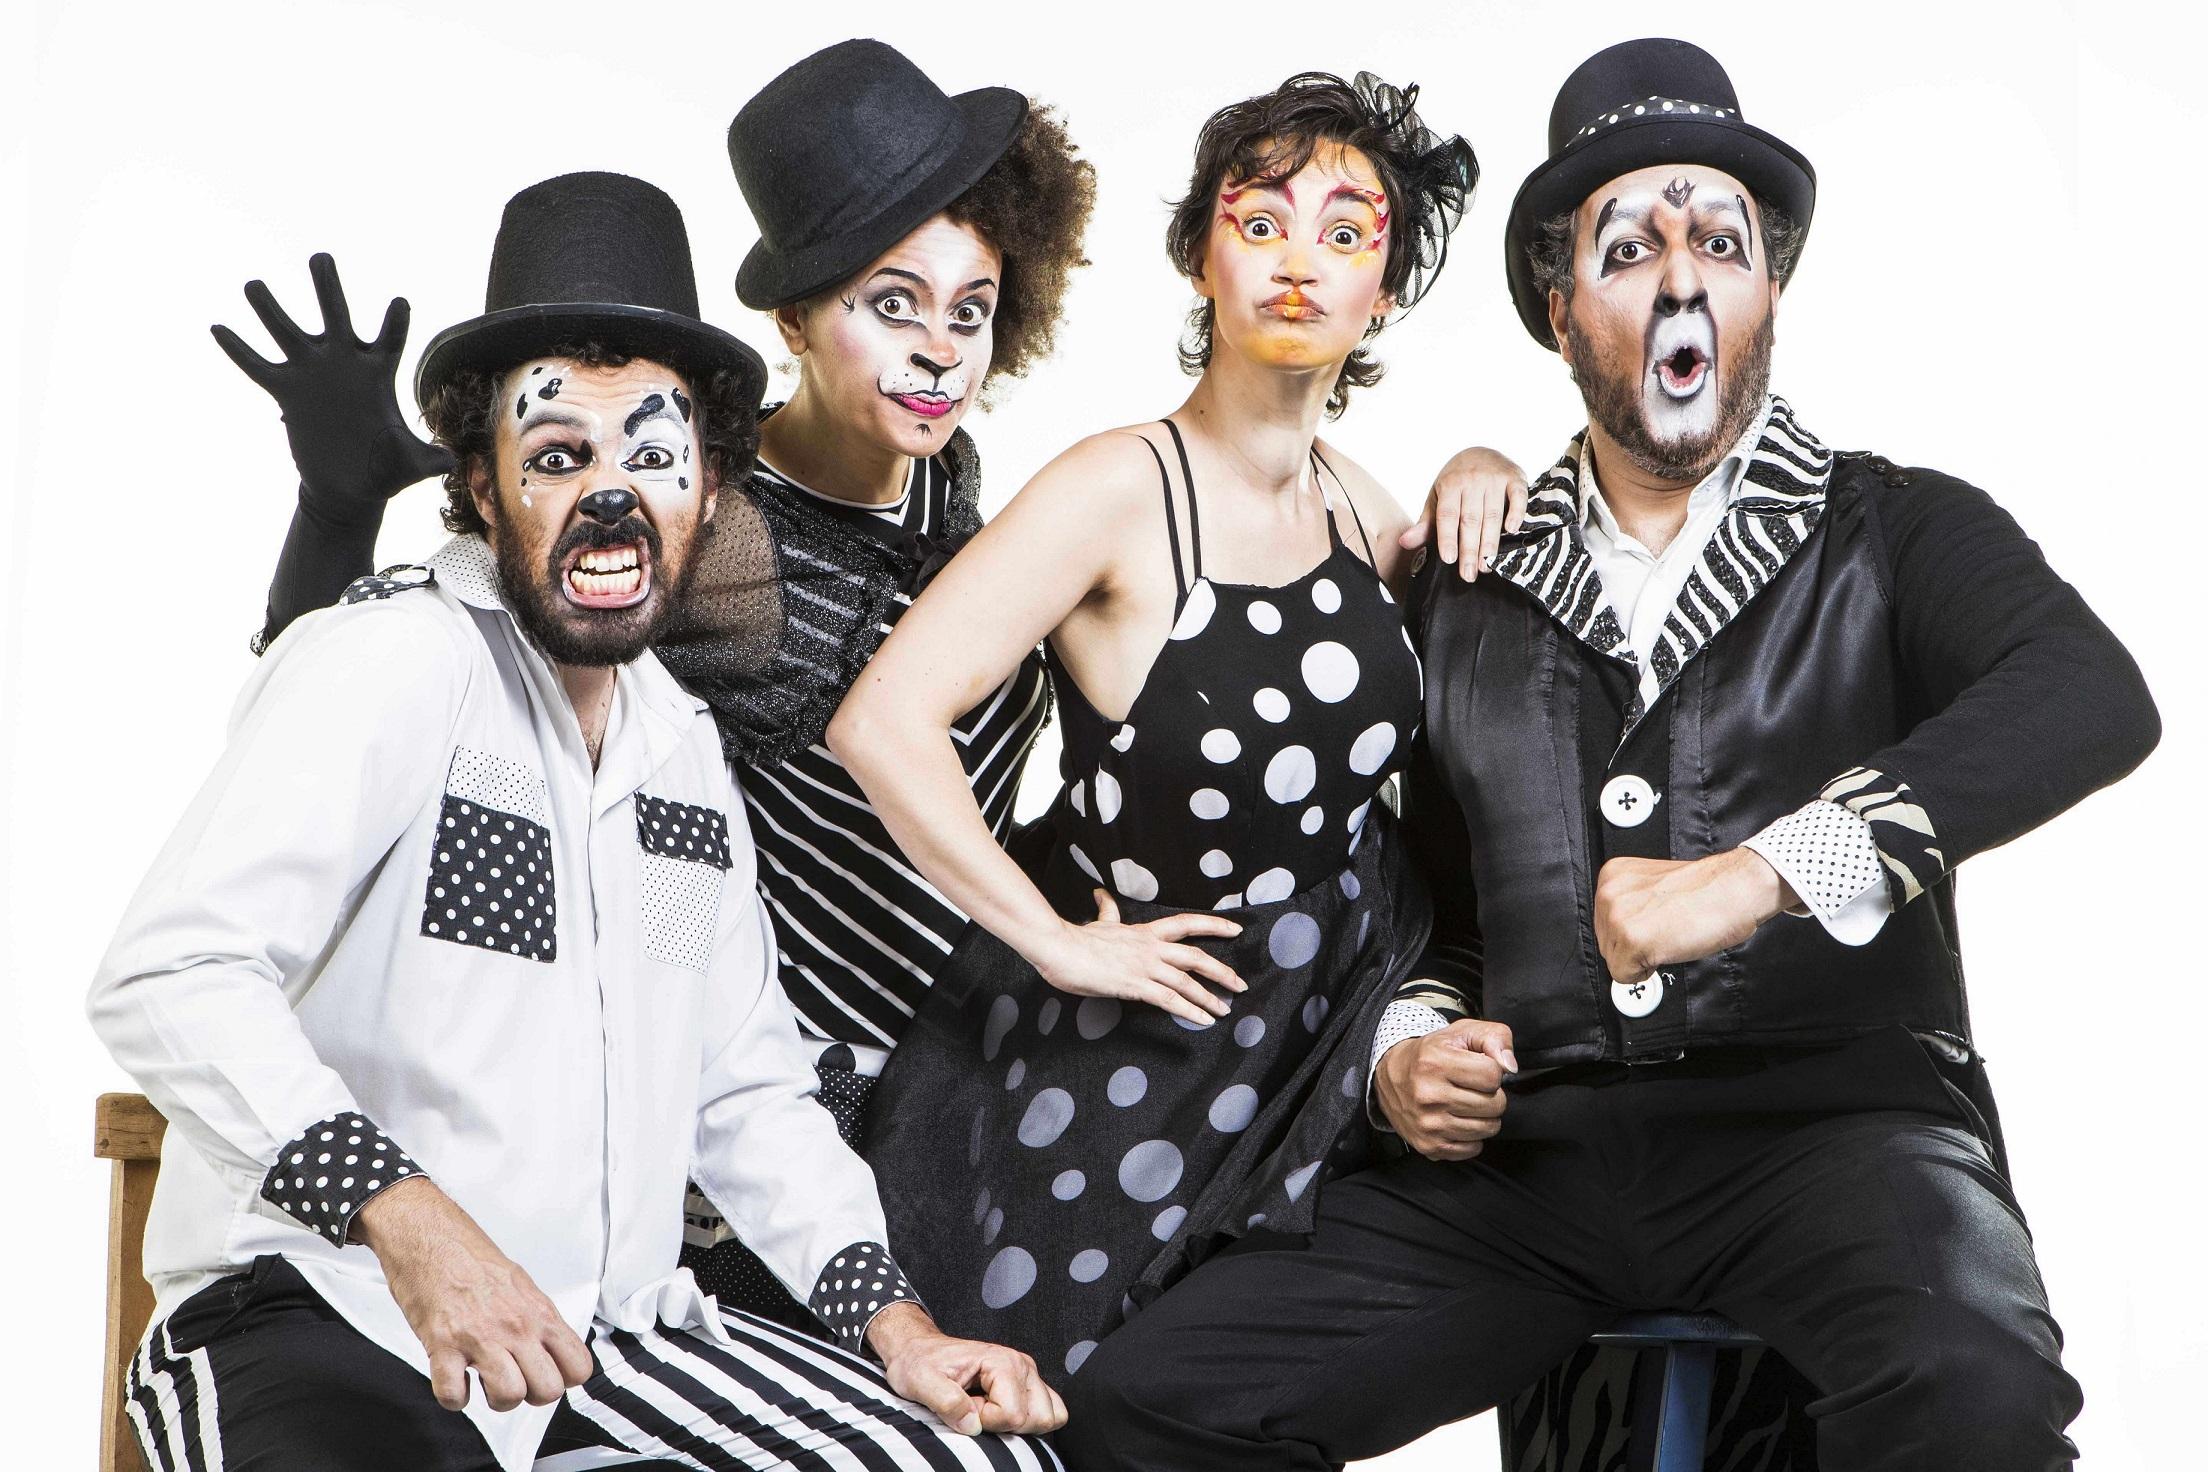 Banda Estralo canta Saltimbancos a partir de 4 de maio no Teatro MorumbiShopping